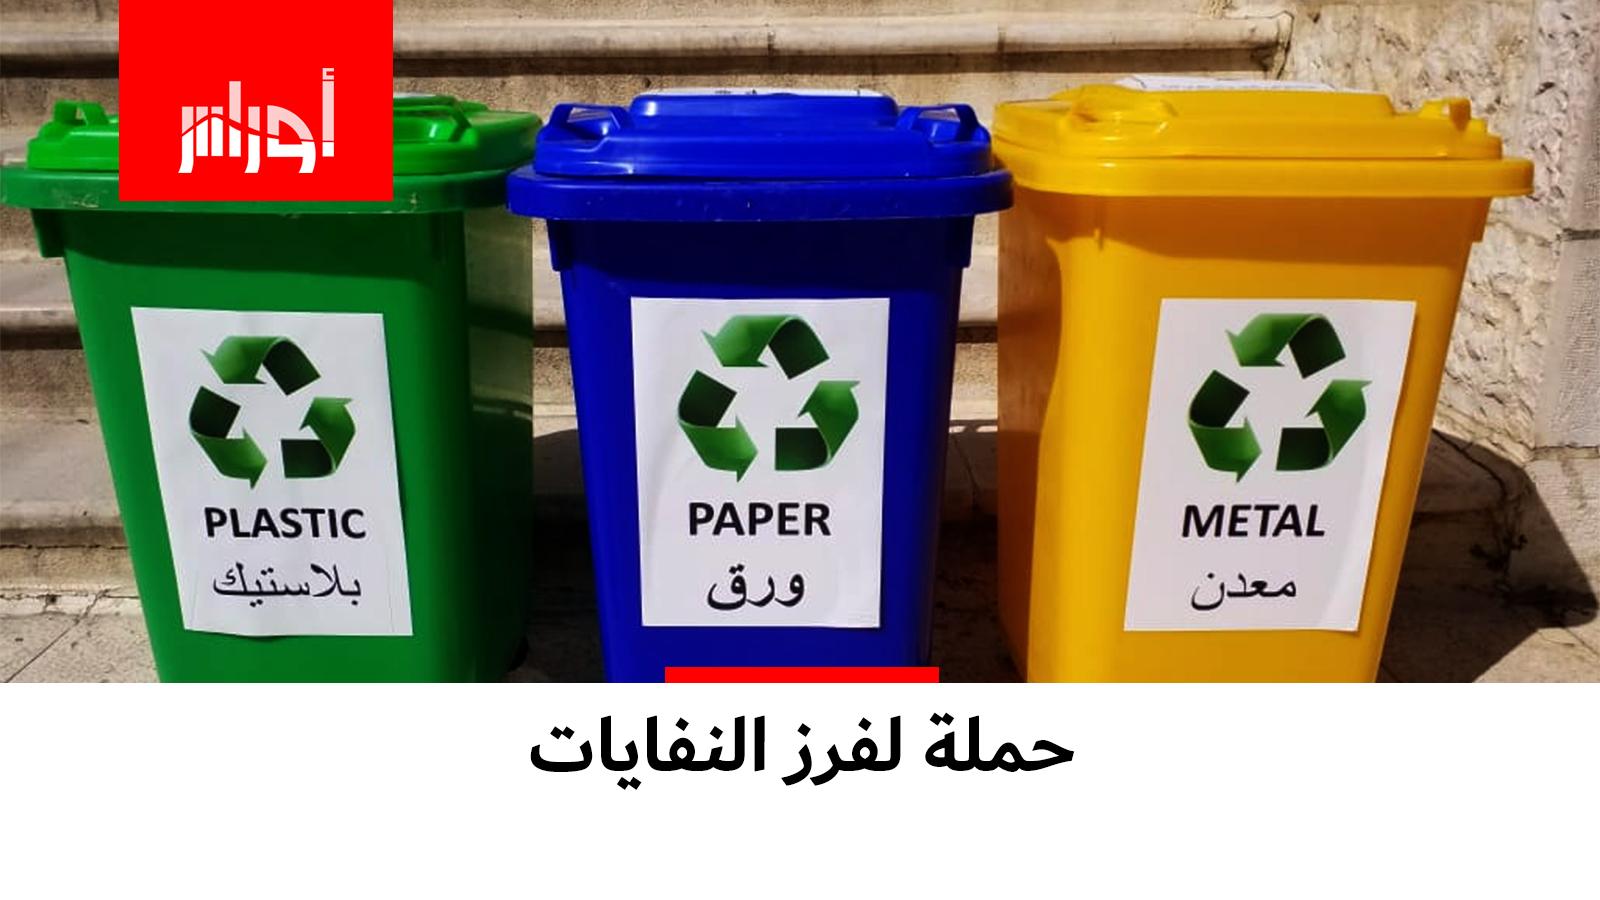 هل تنجح هذه الحملة في حل مشكلة النفايات في الجزائر أوراس